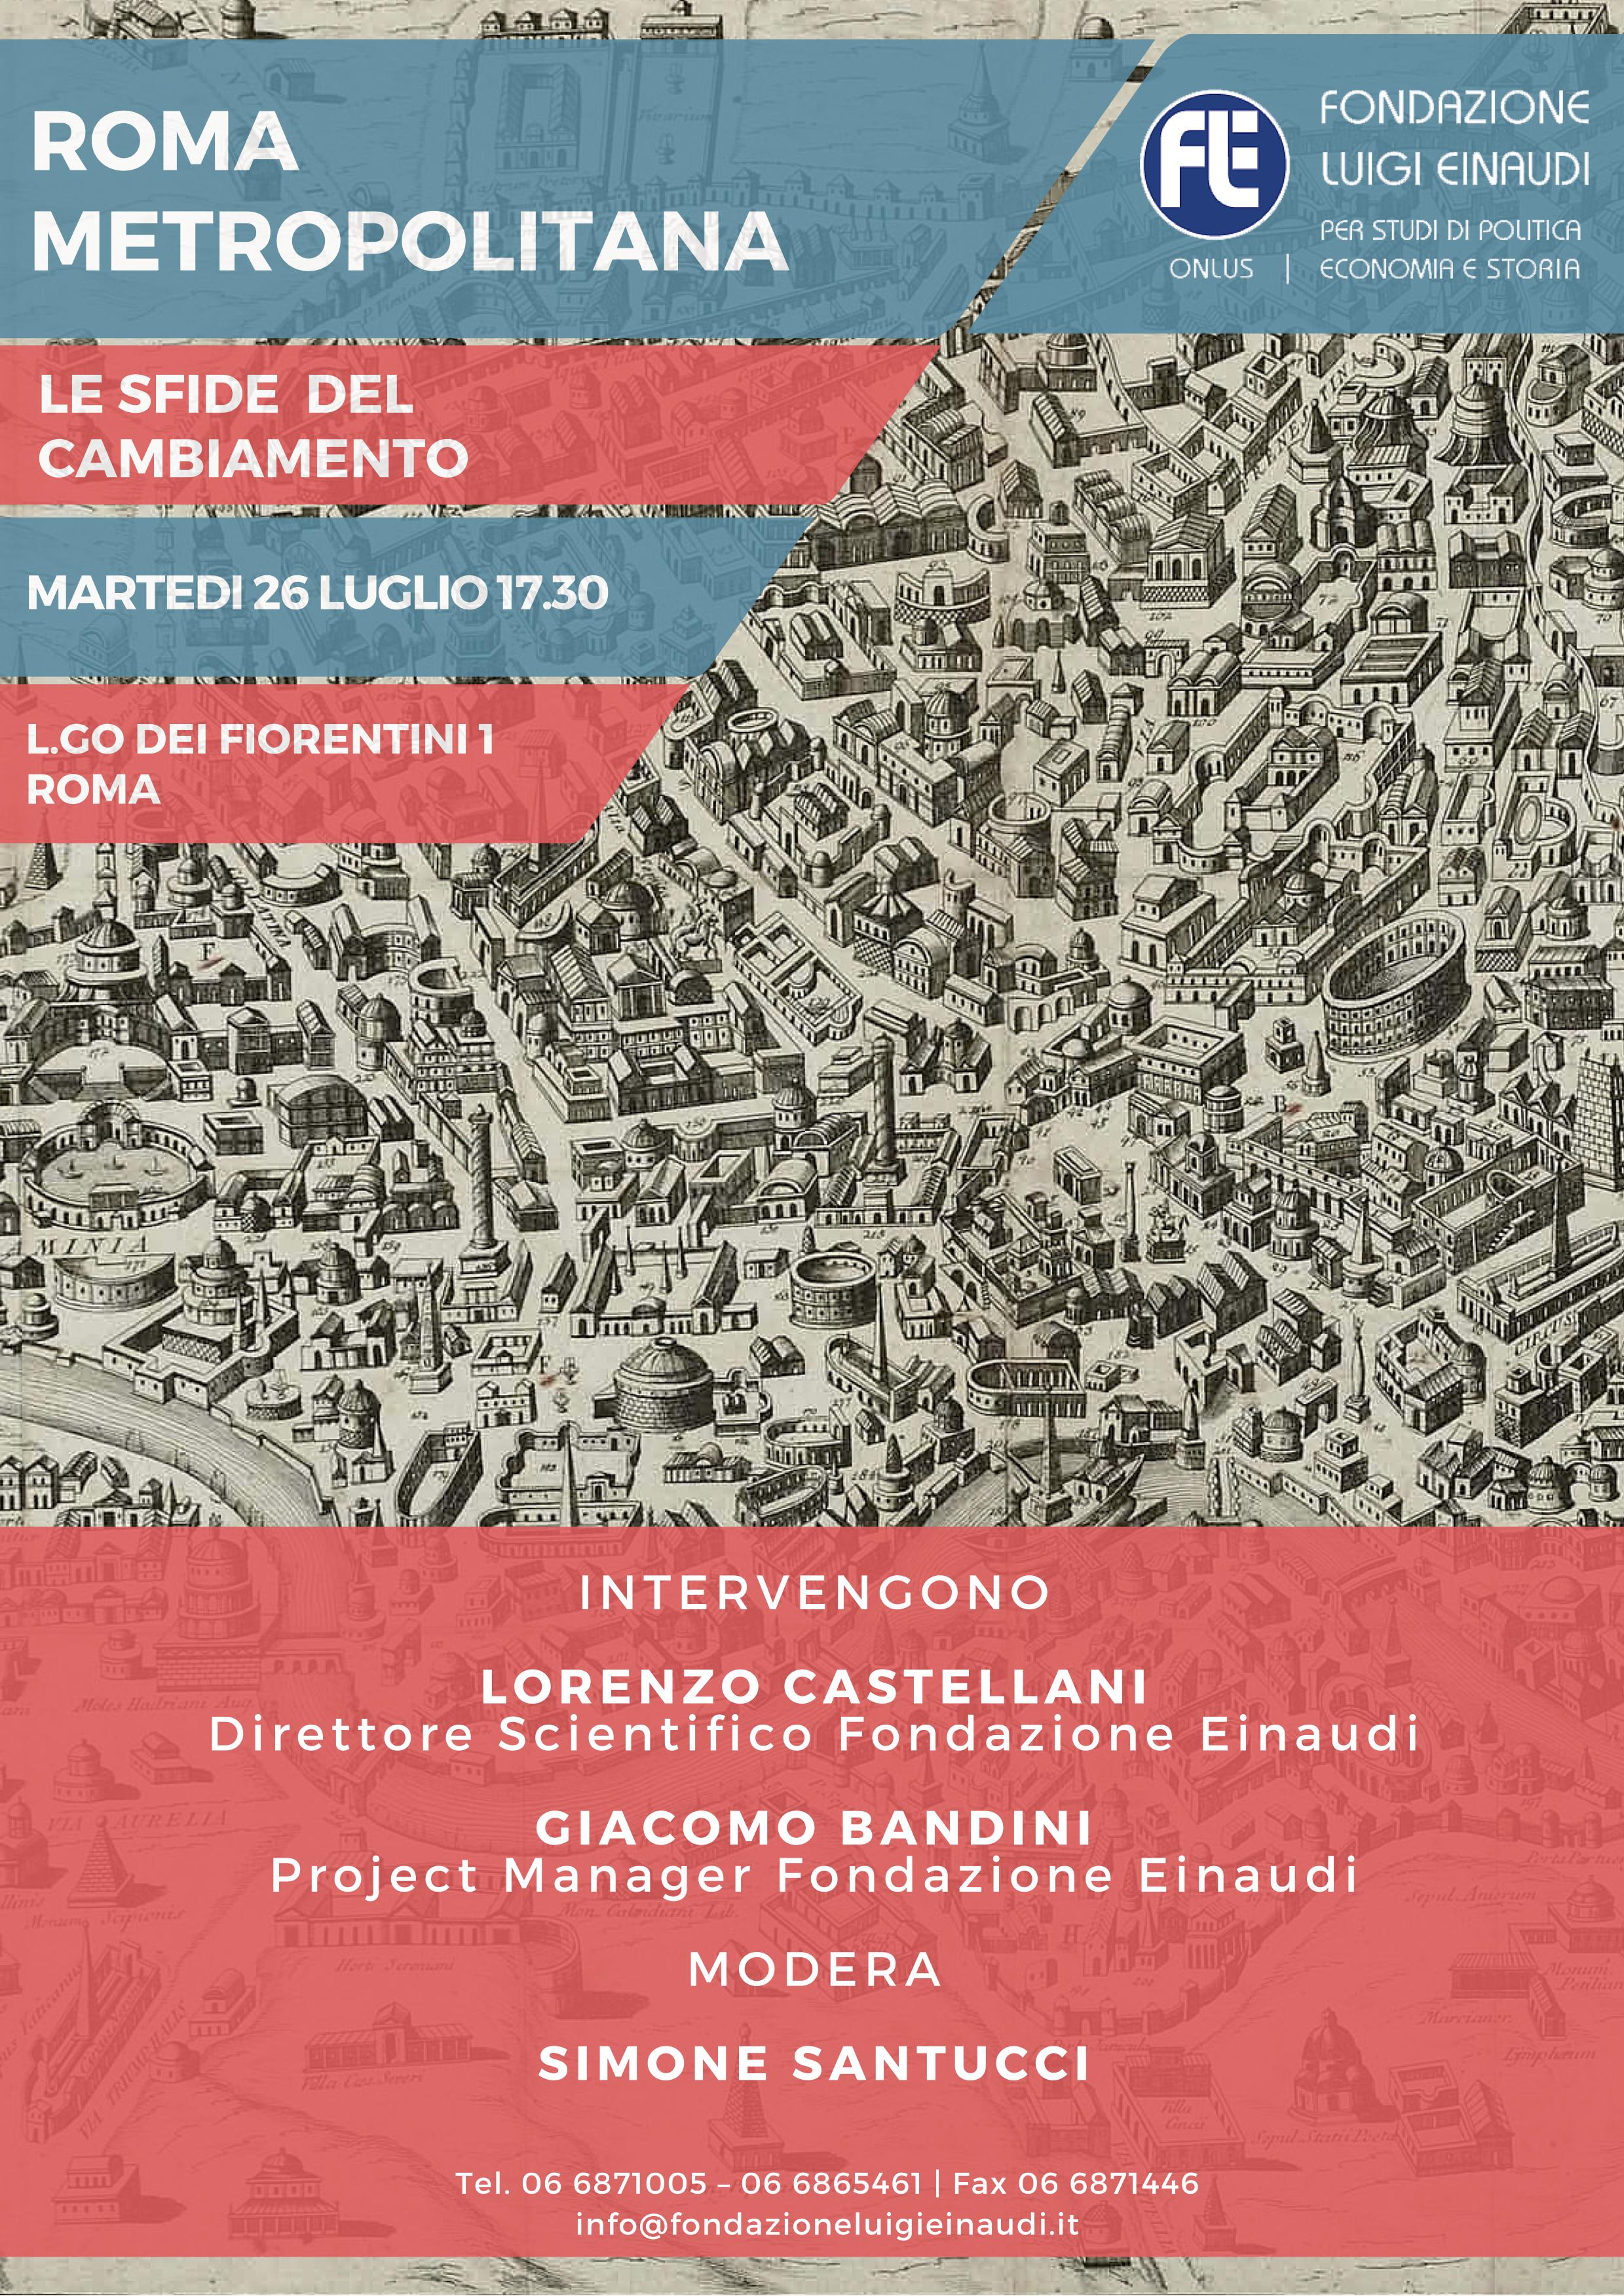 Roma Metropolitana: le sfide del cambiamento